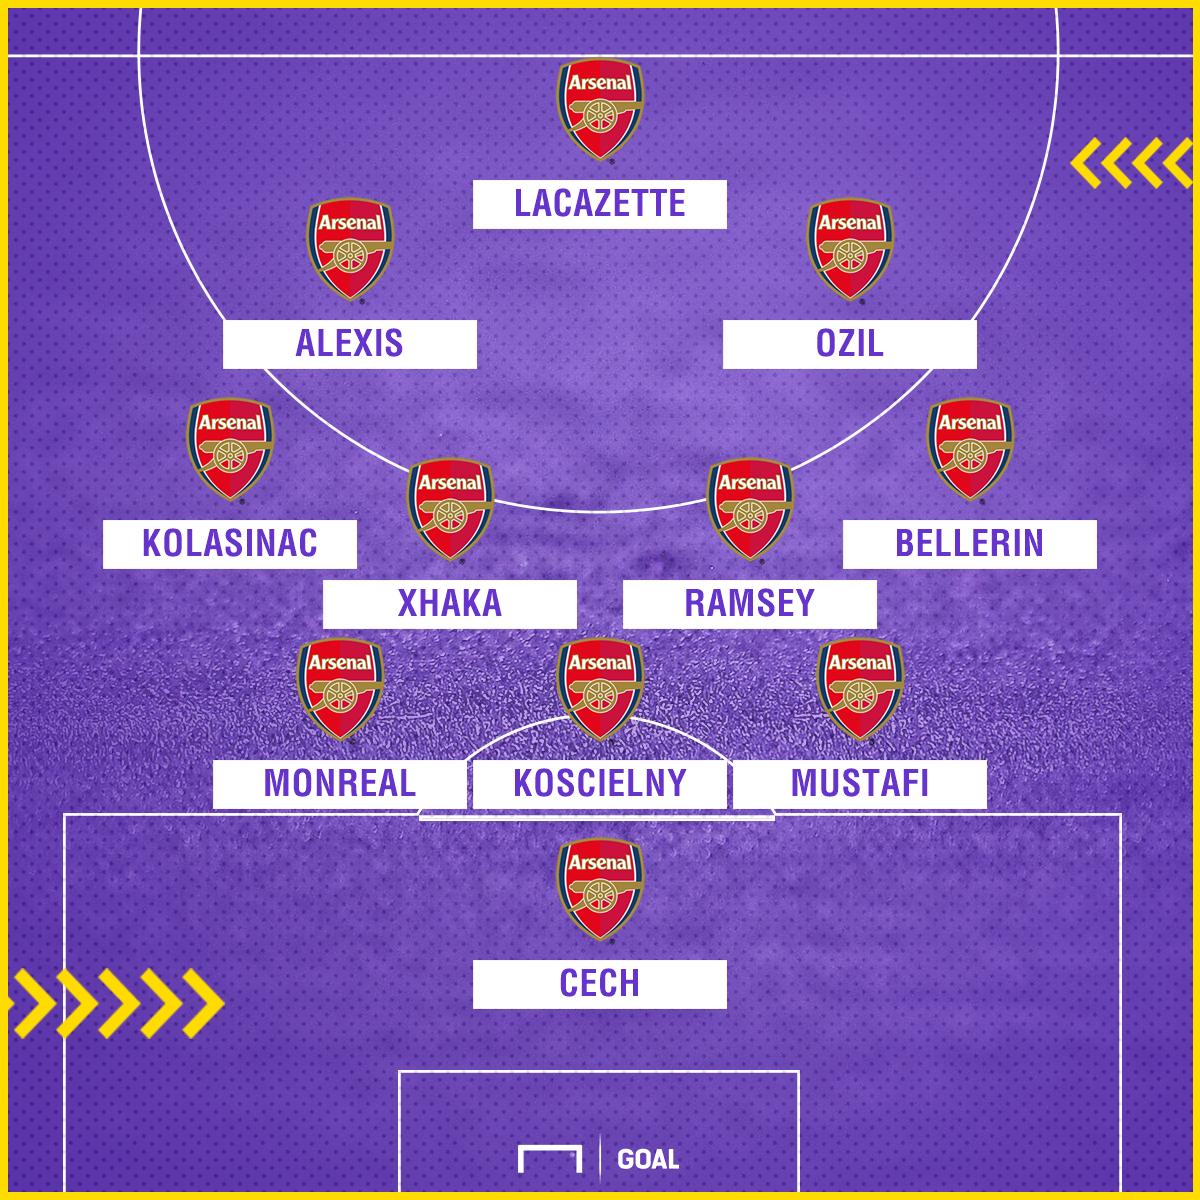 Arsenal 2017-18